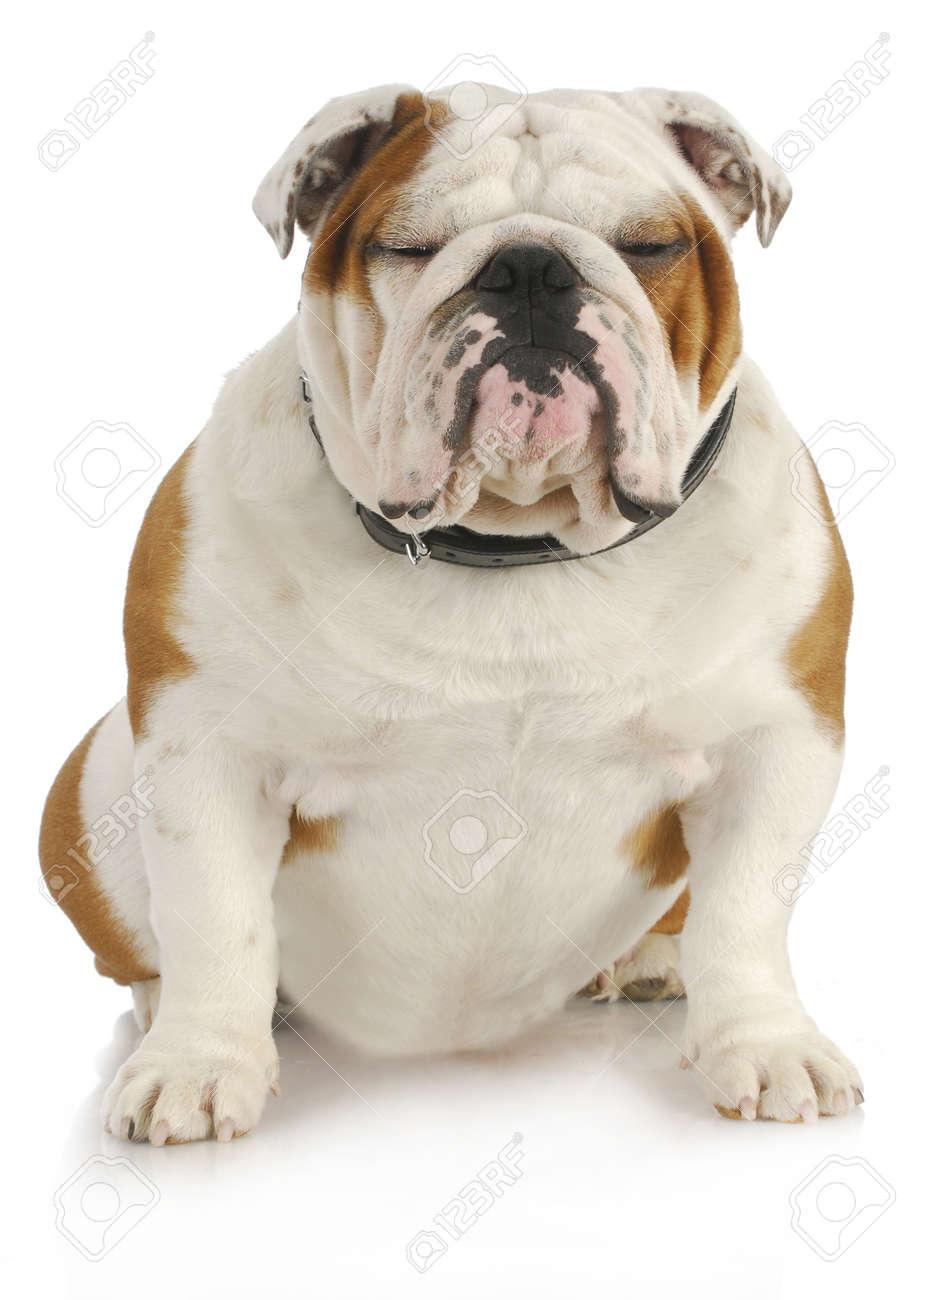 english bulldog sitting with reflection on white background Stock Photo - 16065201